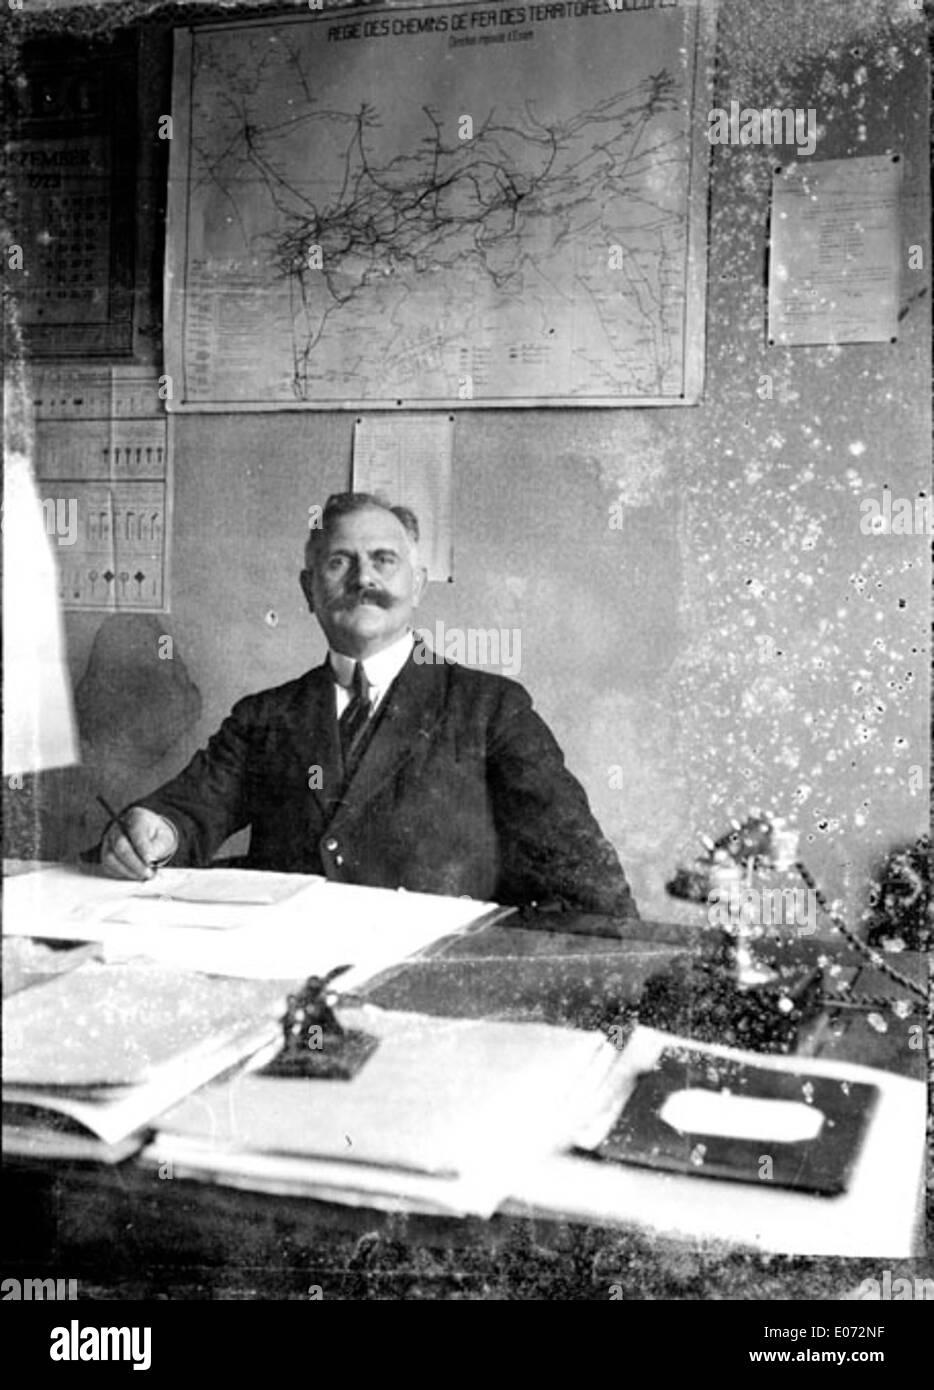 Bureau du chef de gare, Régie des chemins de fer, région d'Essen (Allemagne), décembre 1923 - Stock Image